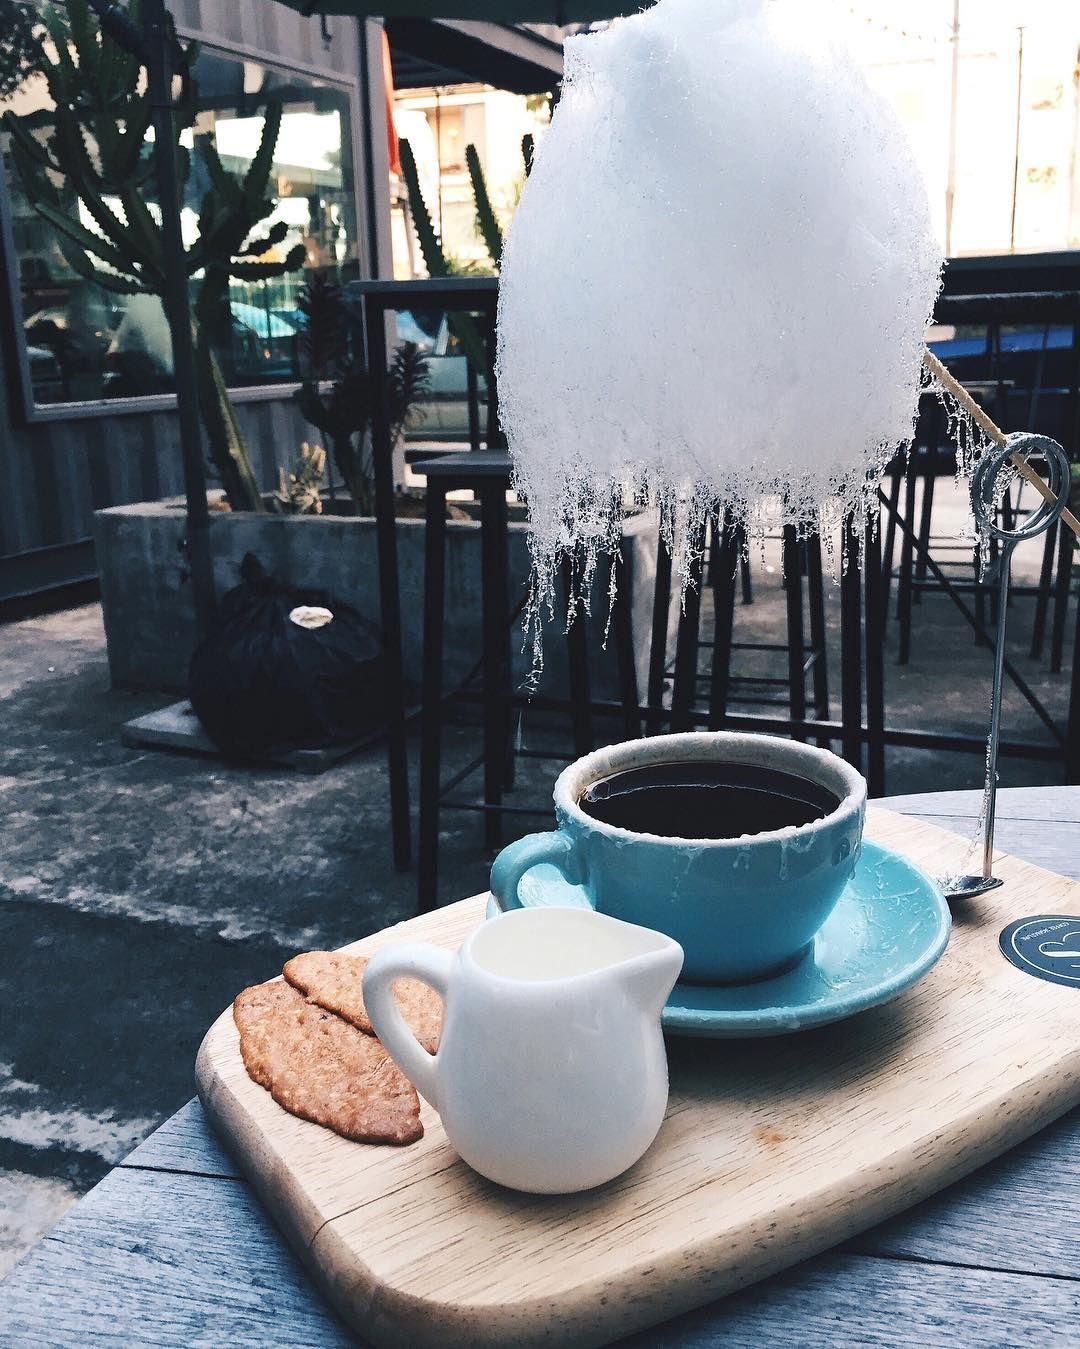 Everybody约起来!一周有7天,却不能每天都享用到美味精致的下午茶真是令人扼腕,尤其是新山市区的咖啡馆多如繁星